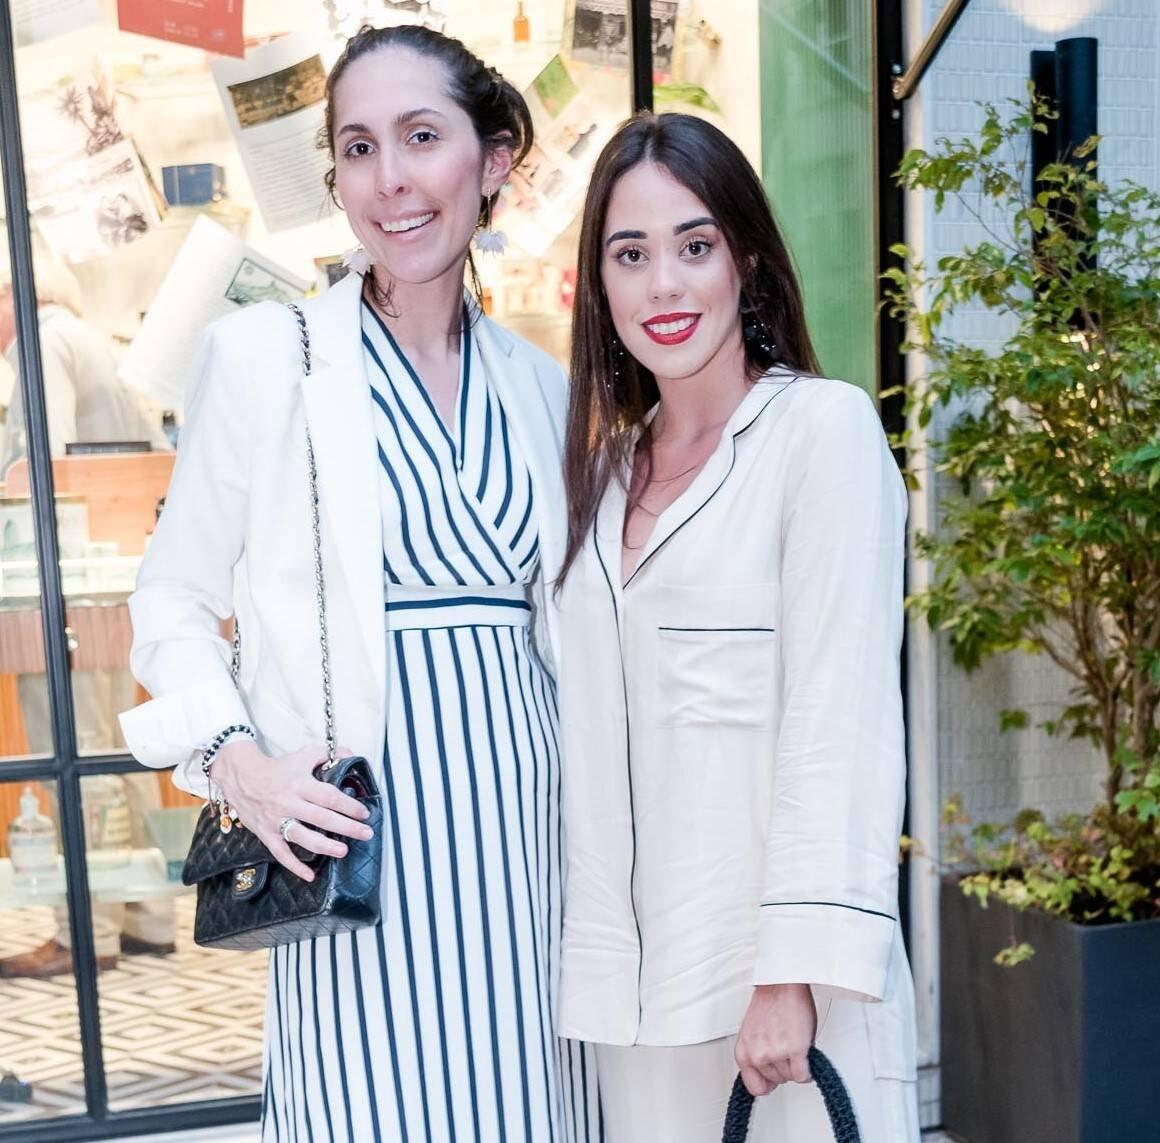 Ana Luiza Soares e Marcela Petrone  /Foto: Renato Wrobel